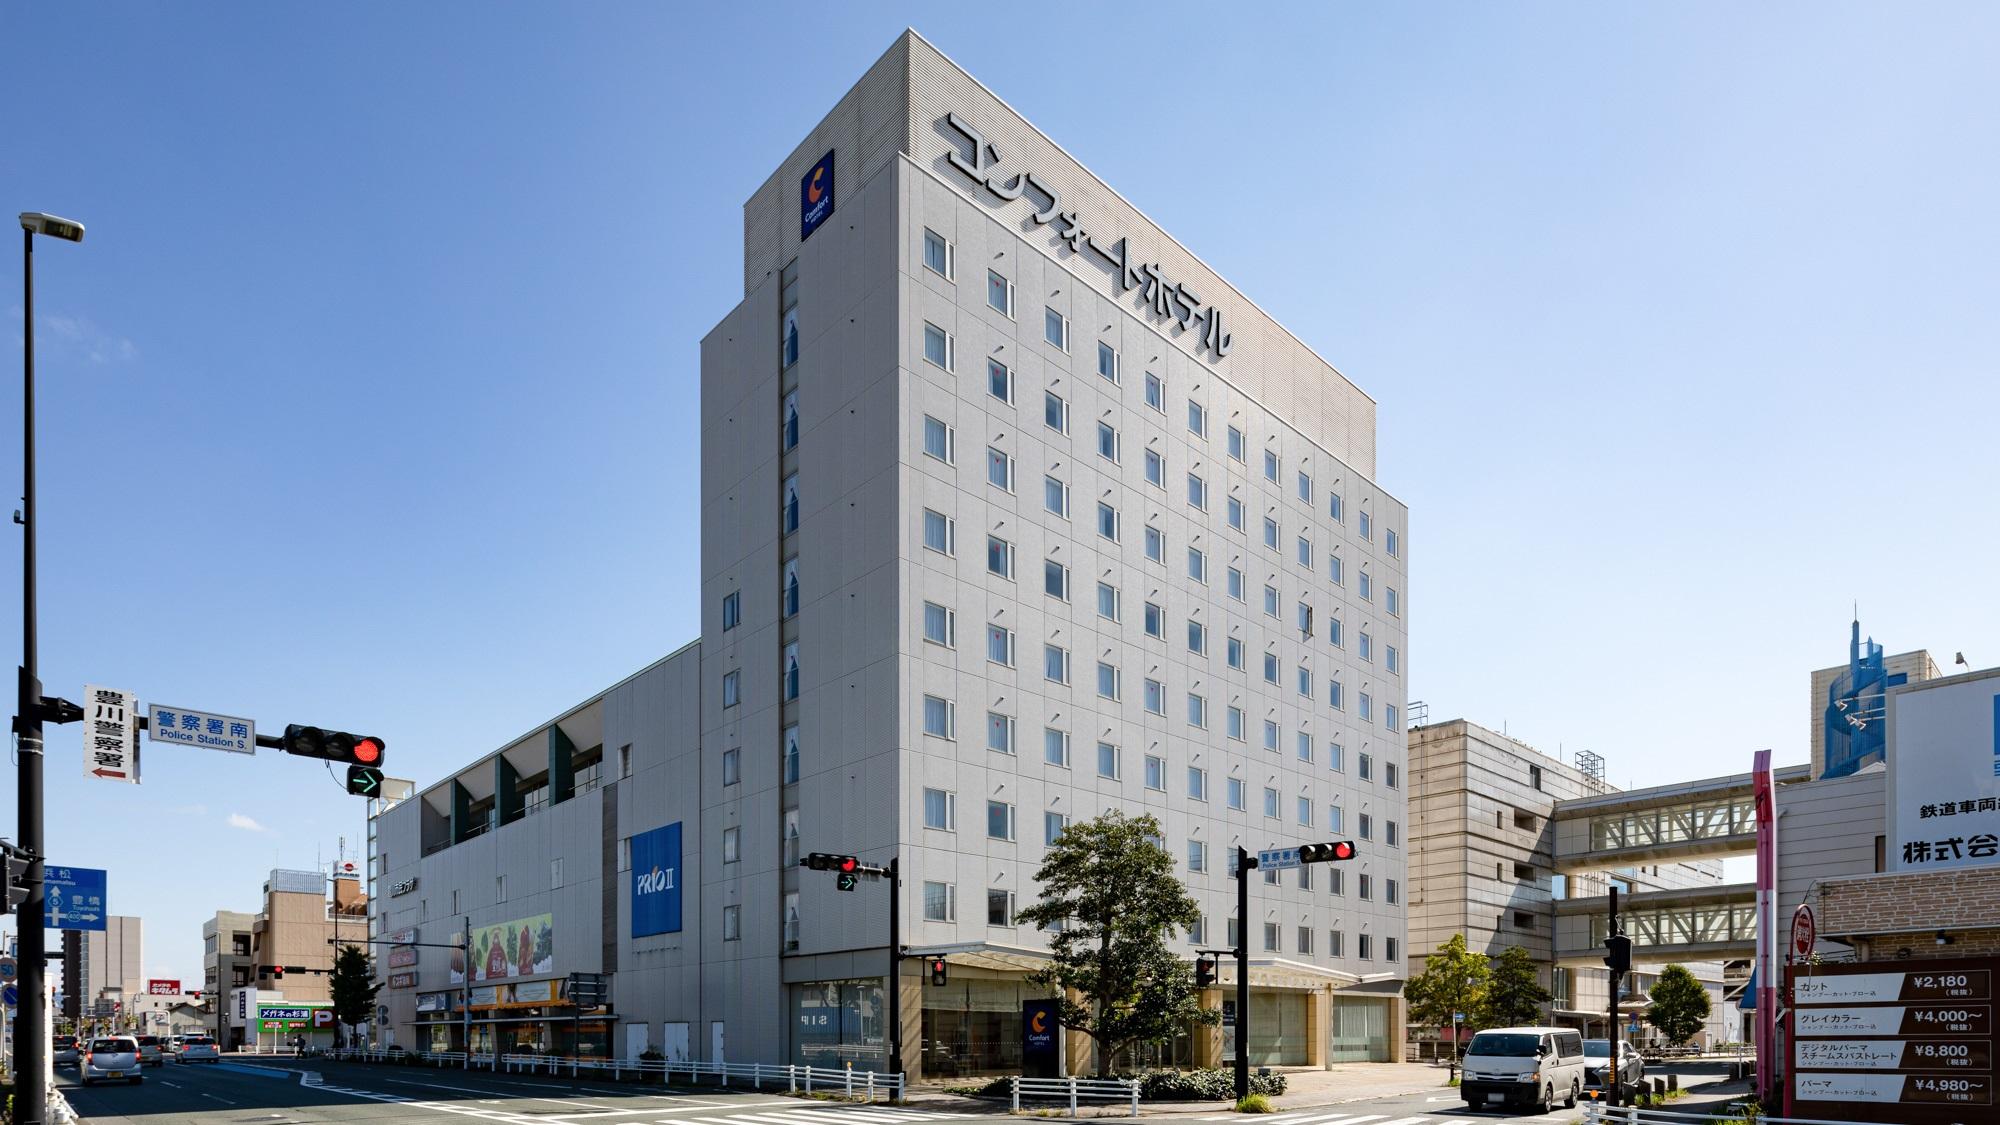 コンフォート ホテル 豊川◆楽天トラベル